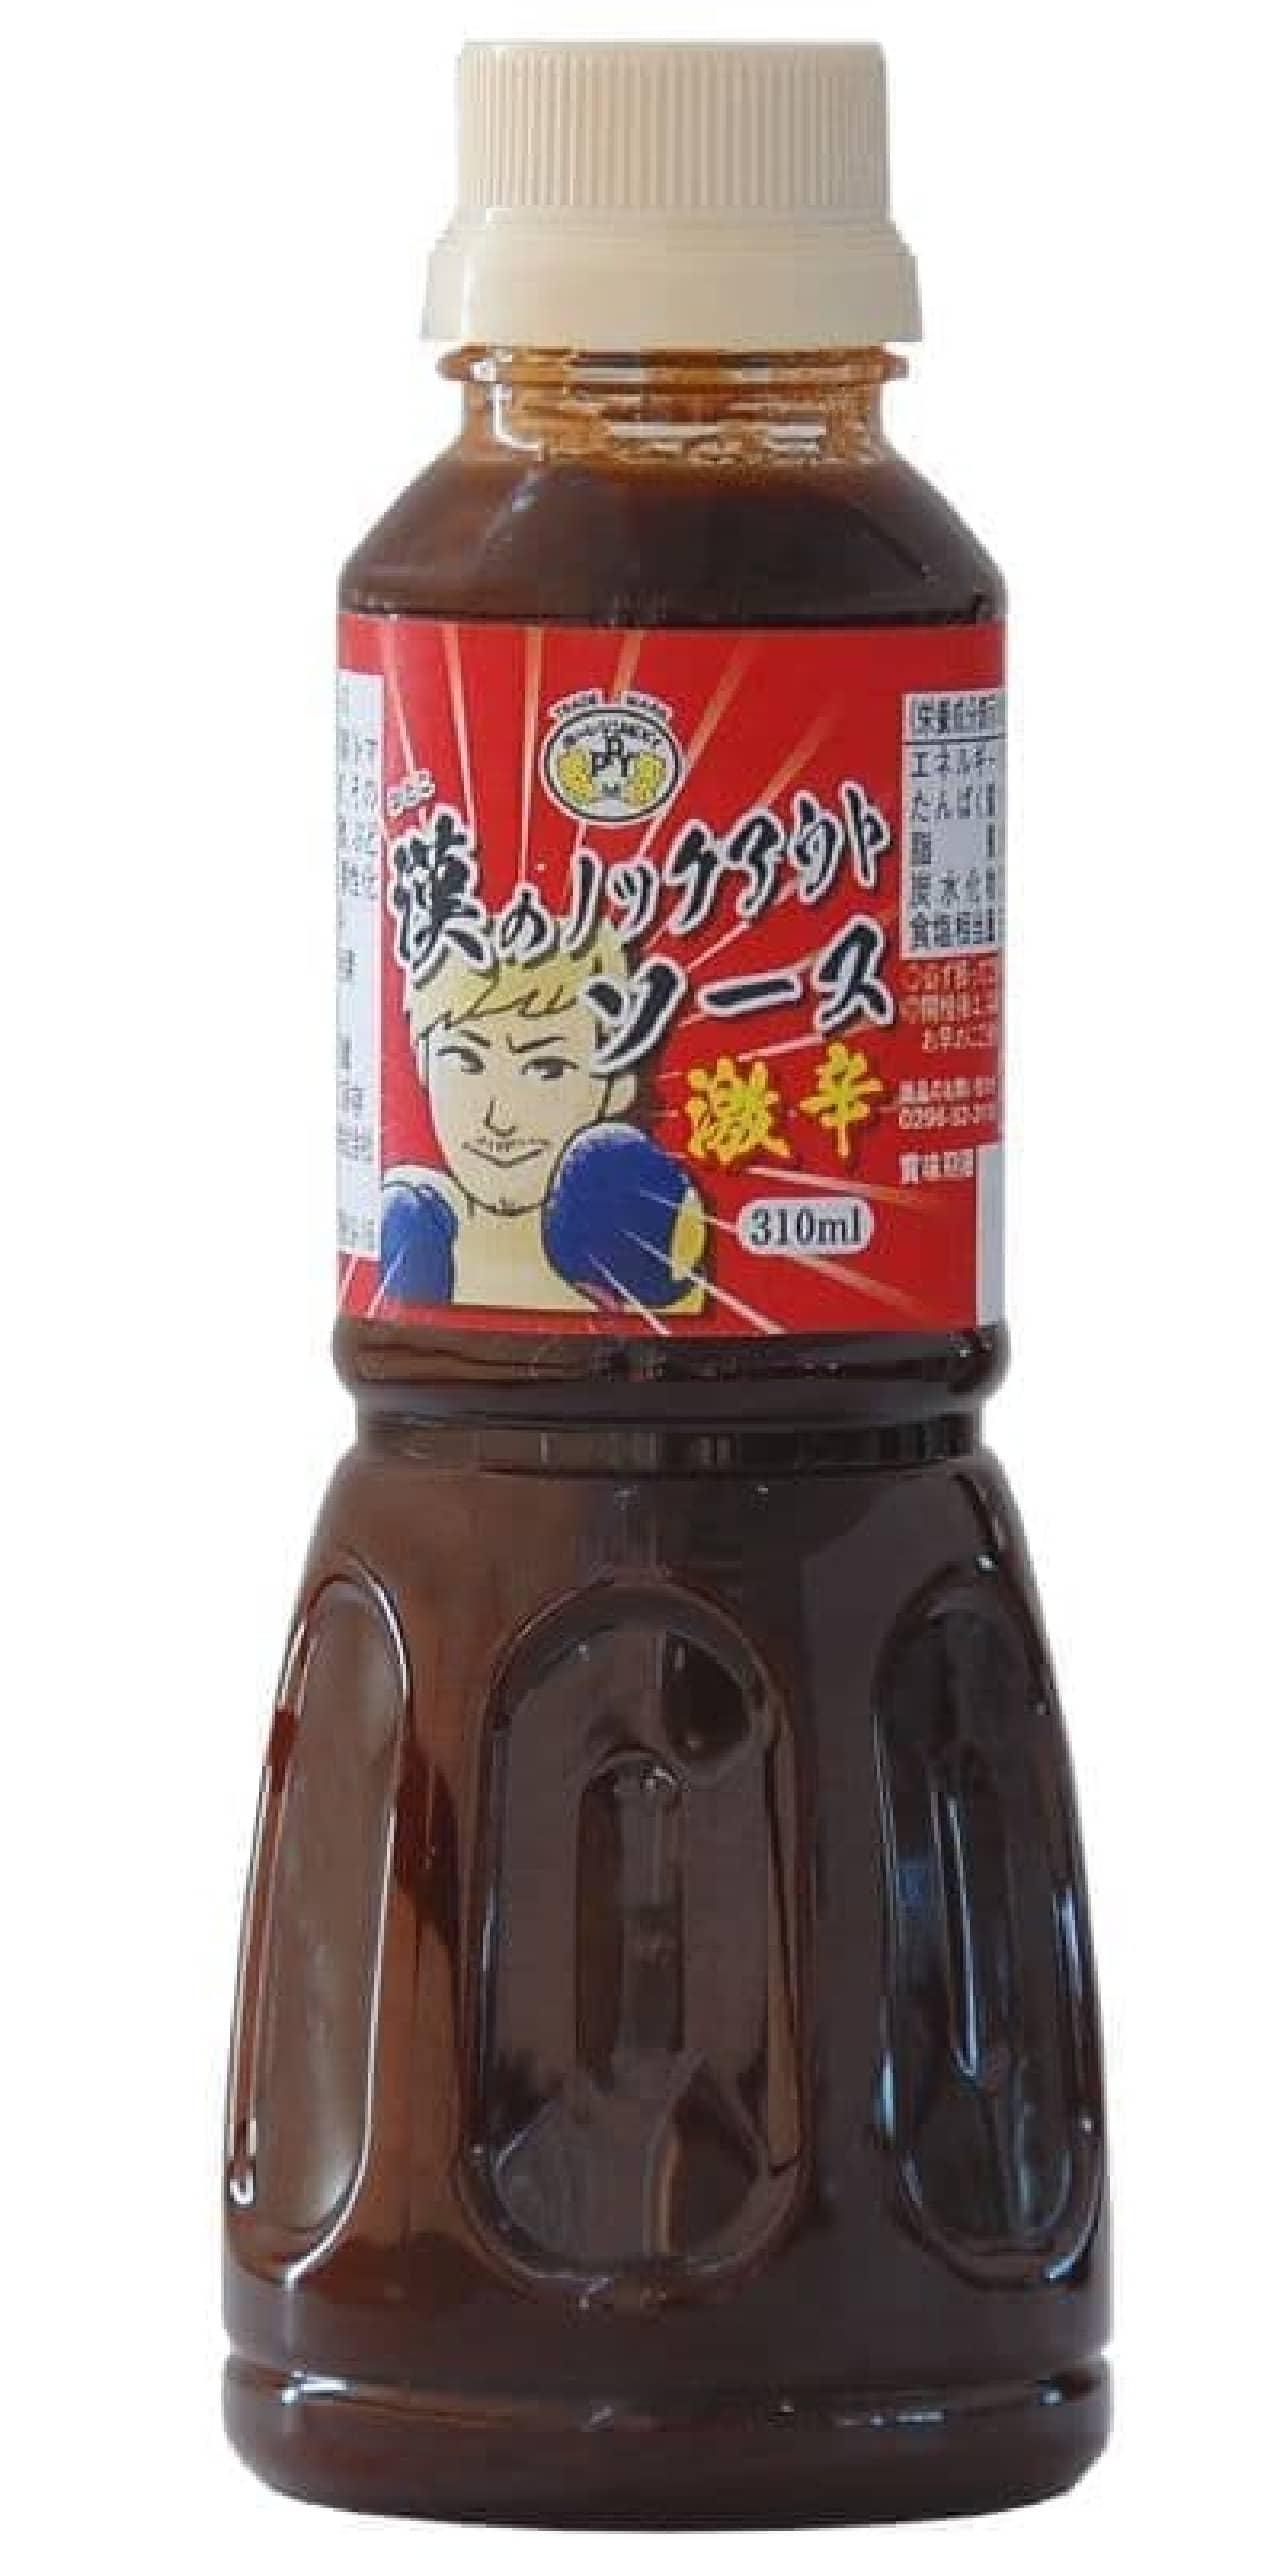 漢のノックアウトソース 激辛は赤唐辛子などの香辛料を約30倍使用(漢のソース 辛口と比較した場合)したソース